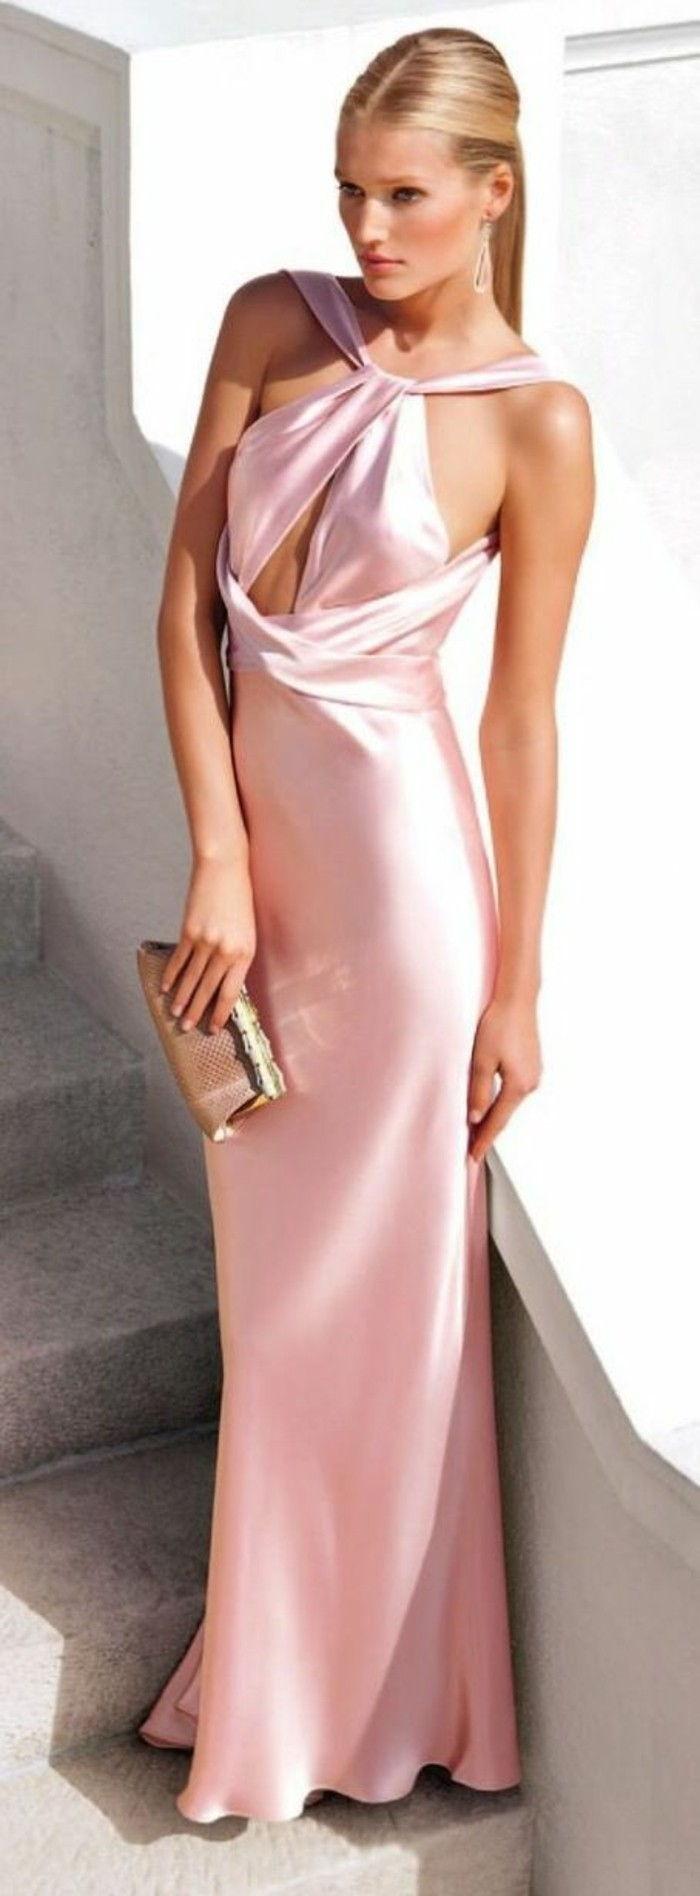 17 Genial Elegante Kleider Für Hochzeit VertriebAbend Einzigartig Elegante Kleider Für Hochzeit Bester Preis